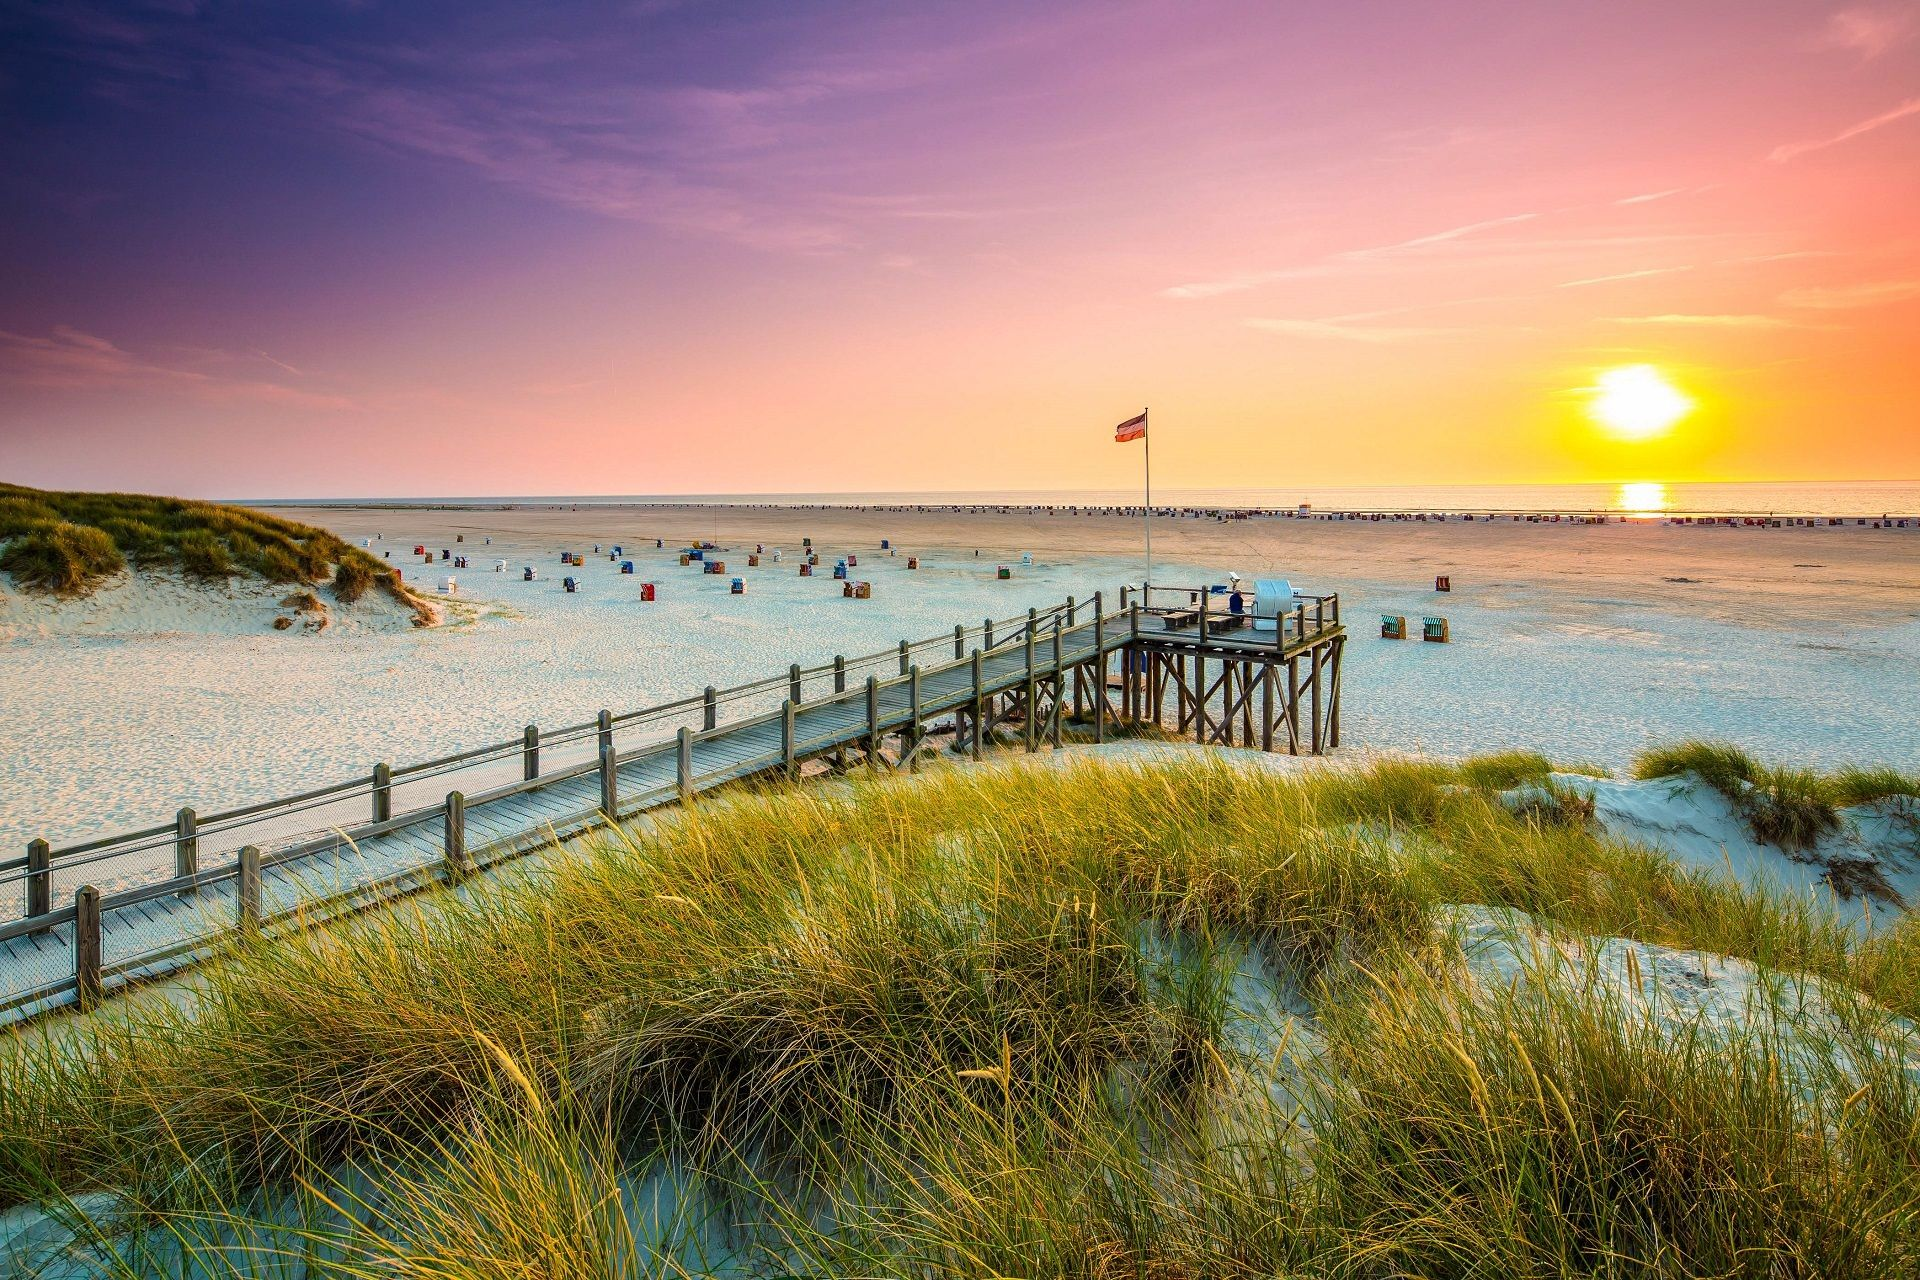 Nordseeinseln In Deutschland ᐅ Eure Top 12 Urlaubsguru Urlaub Auf Amrum Amrum Nordseeinseln